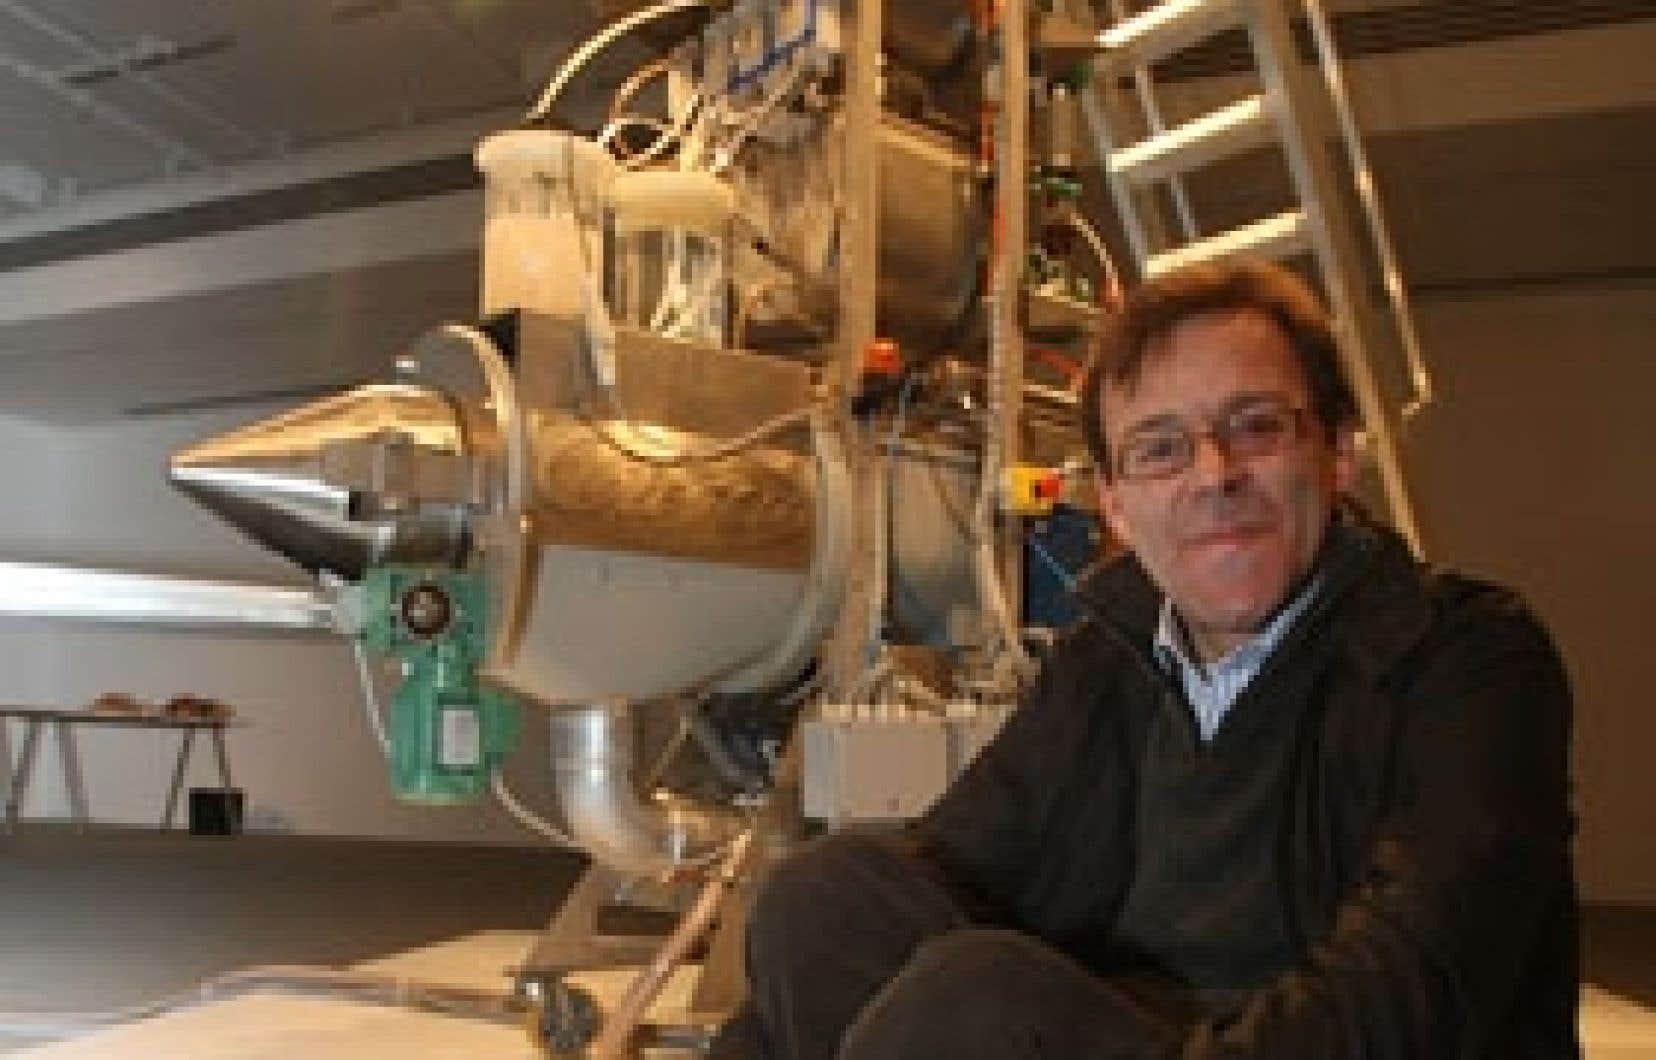 Wim Delvoye et le Cloaca no 5 exposé à la galerie de l'UQAM.